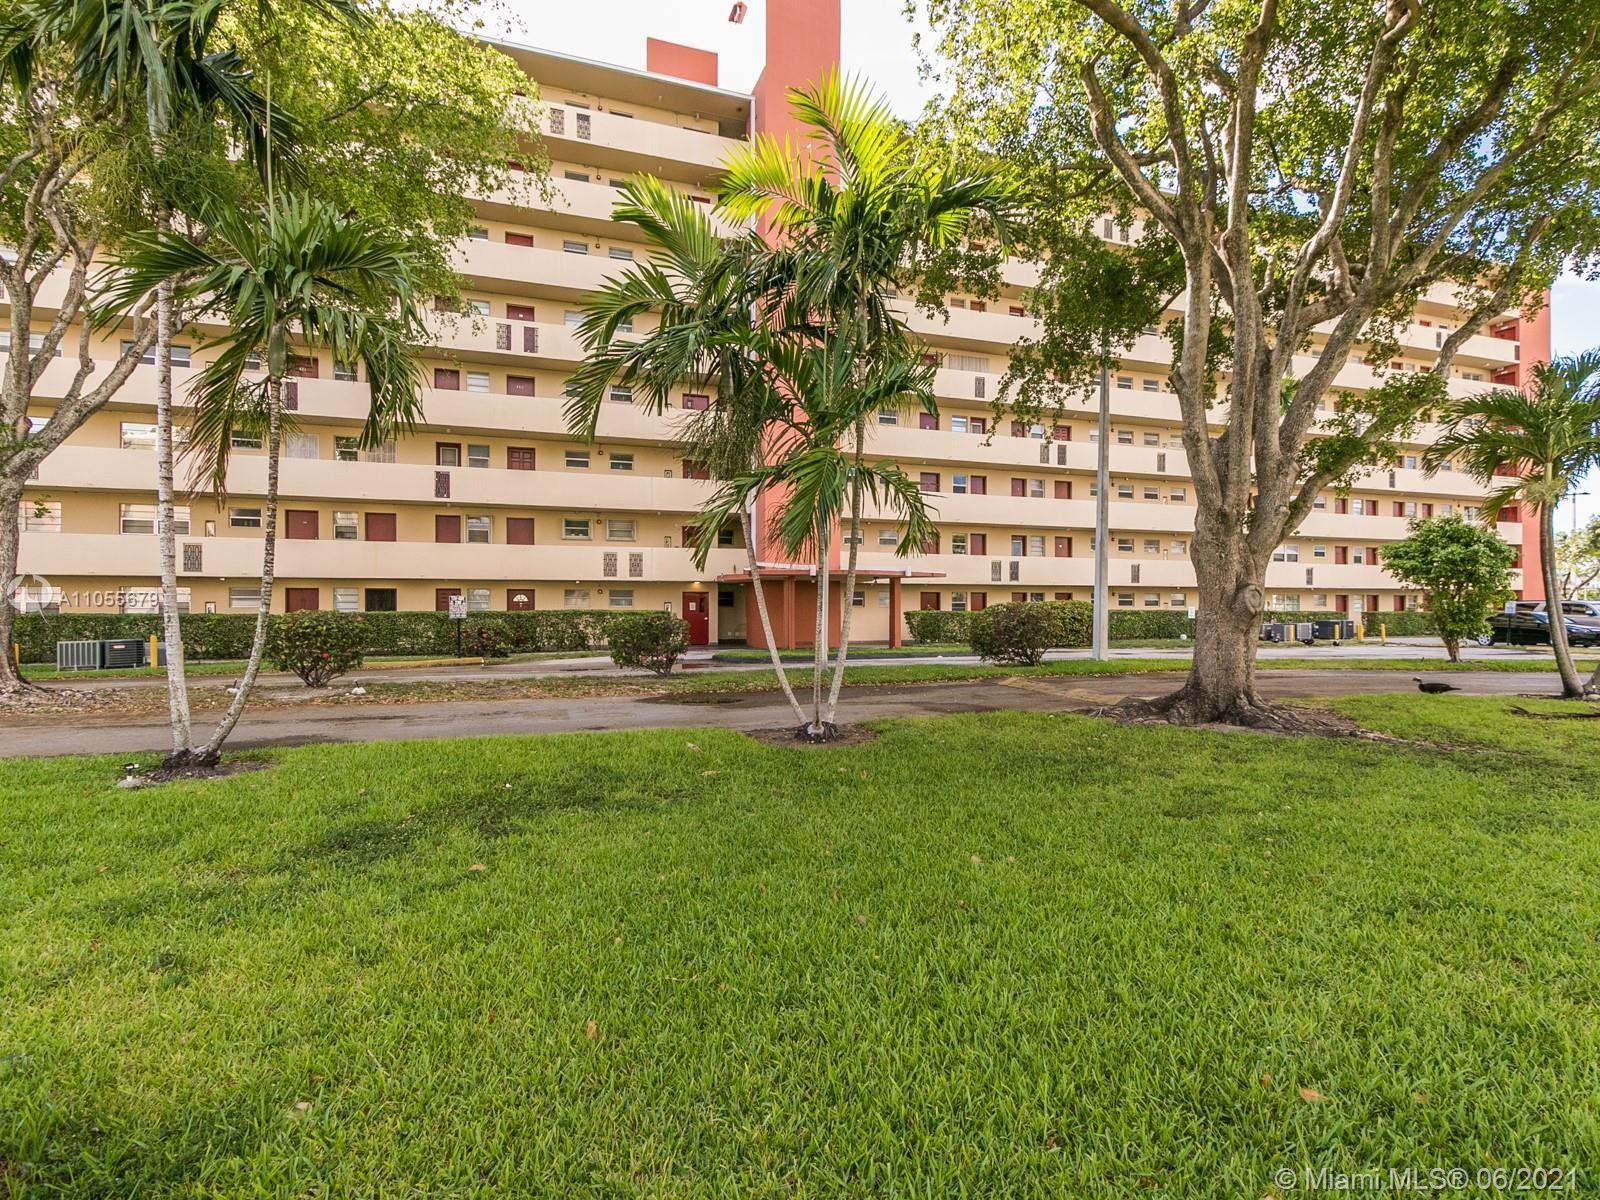 1770 NE 191st St #313-1, Miami, FL 33179 - #: A11055679